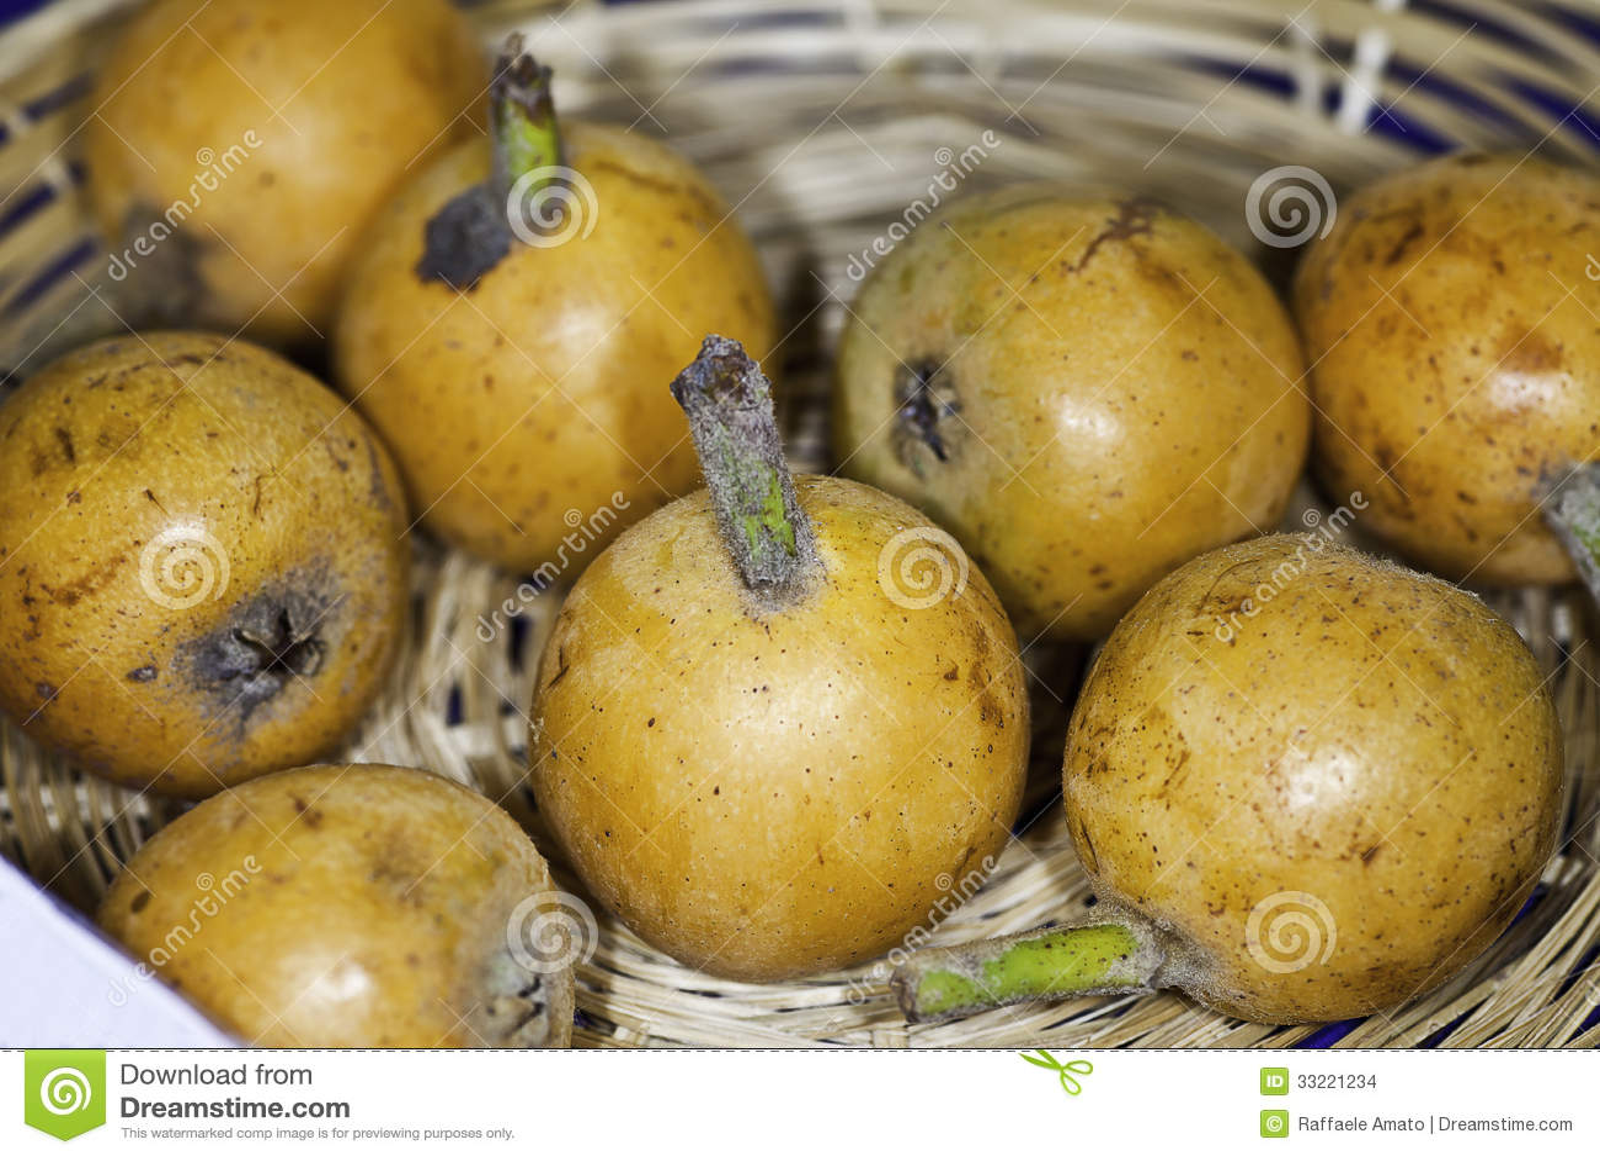 Fruits de cognassier du japon lindl d 39 eriobotrya de l 39 italie nespolo del giappon photo stock - Pommier du japon fruit ...